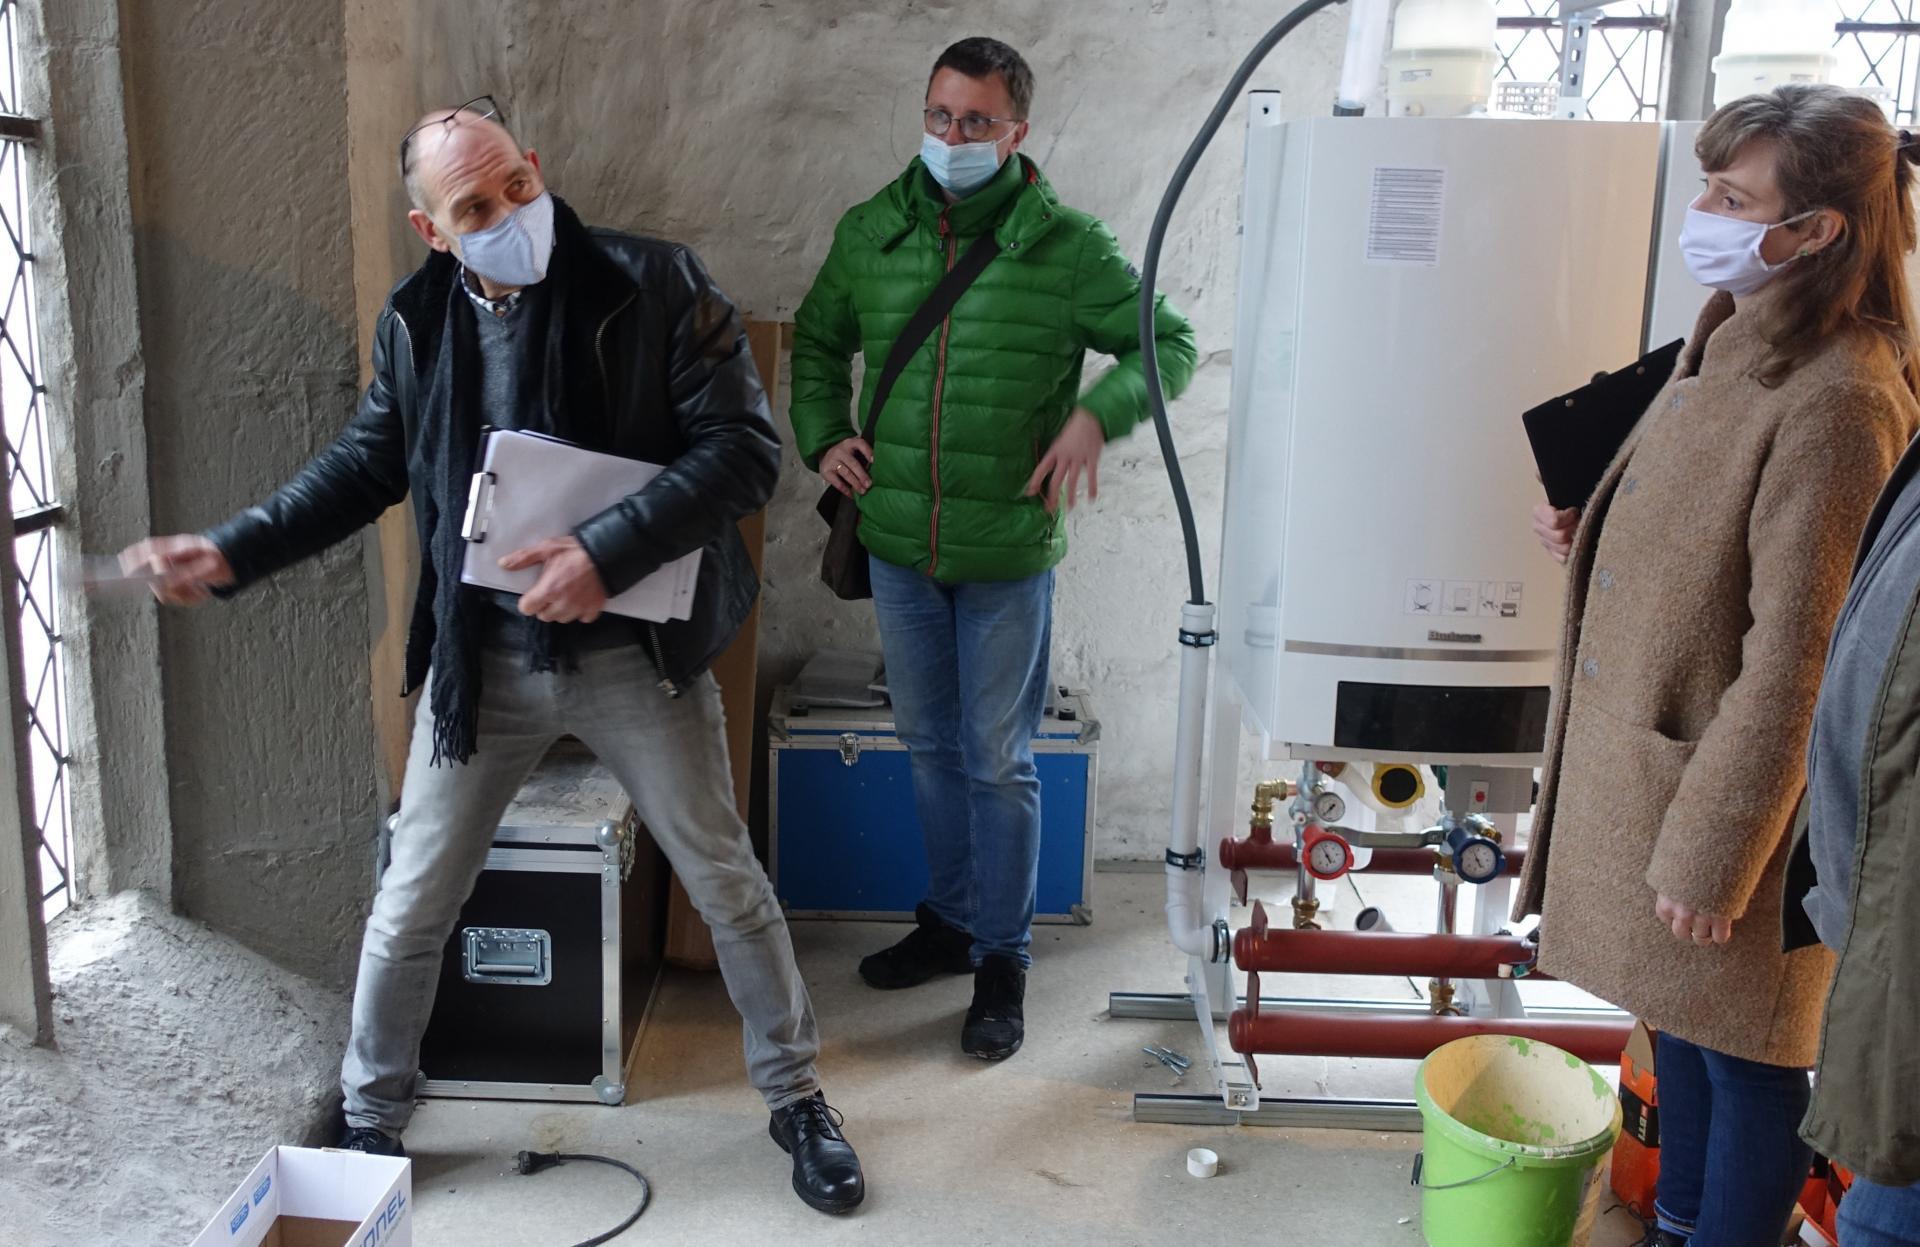 Bild 254 zeigt Frank Schneemelcher aus Quedlingburg, im Gespräch mit Nicole Sterzing und Michael Täubert- es geht um die Frischluftzufuhr für die Heizkessel via Fenster